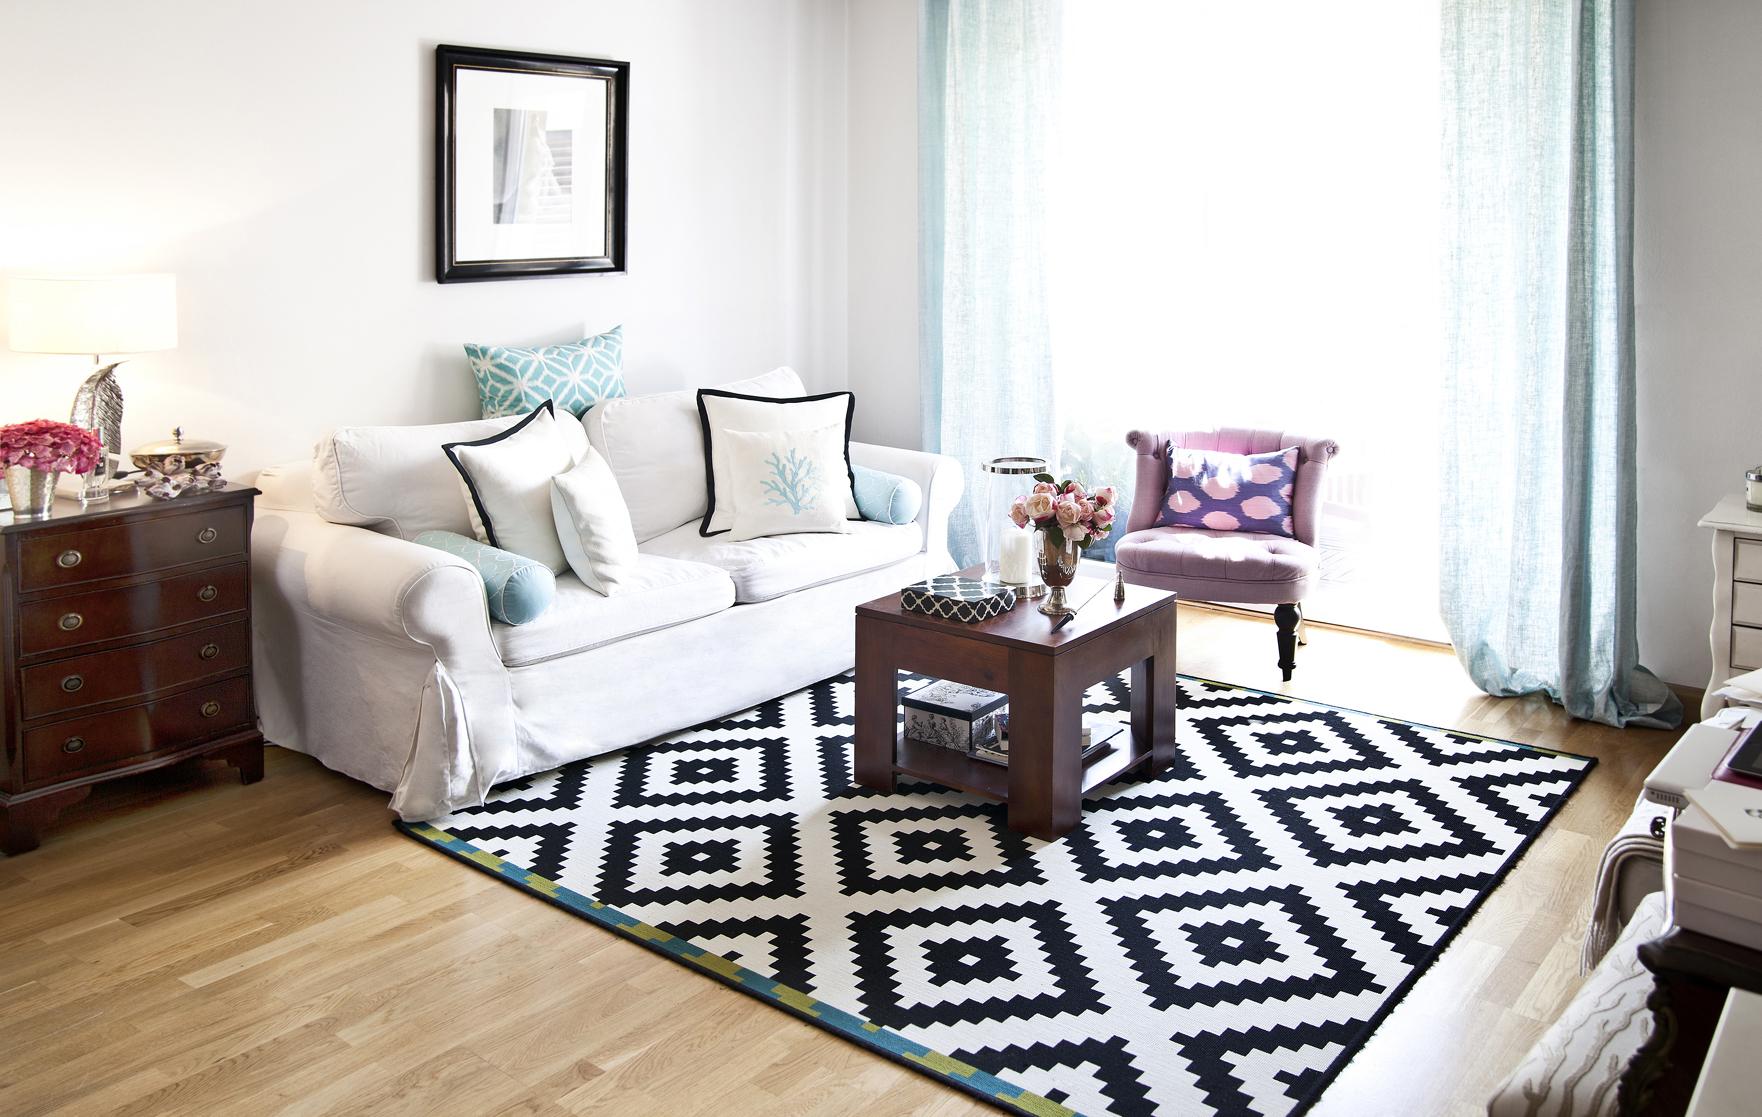 Alfombras confort total para el suelo de casa westwing - Alfombras para casas ...